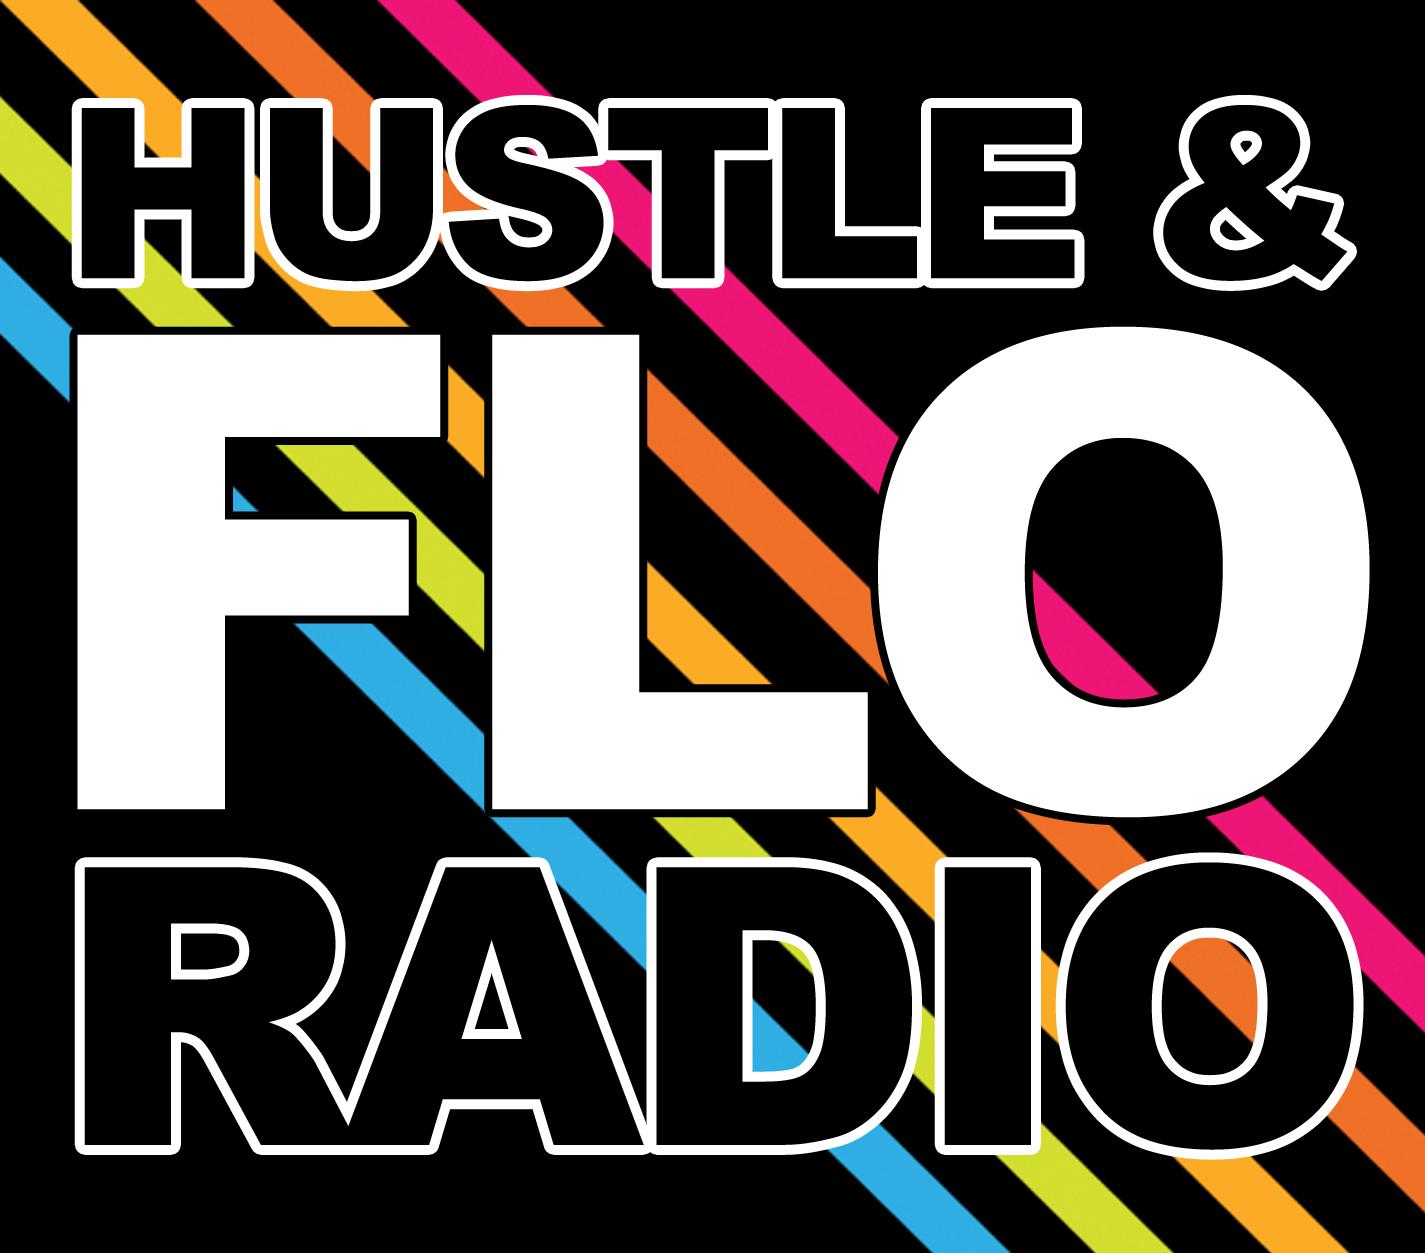 Hustle & FLO Radio 6- BBQ Bandits